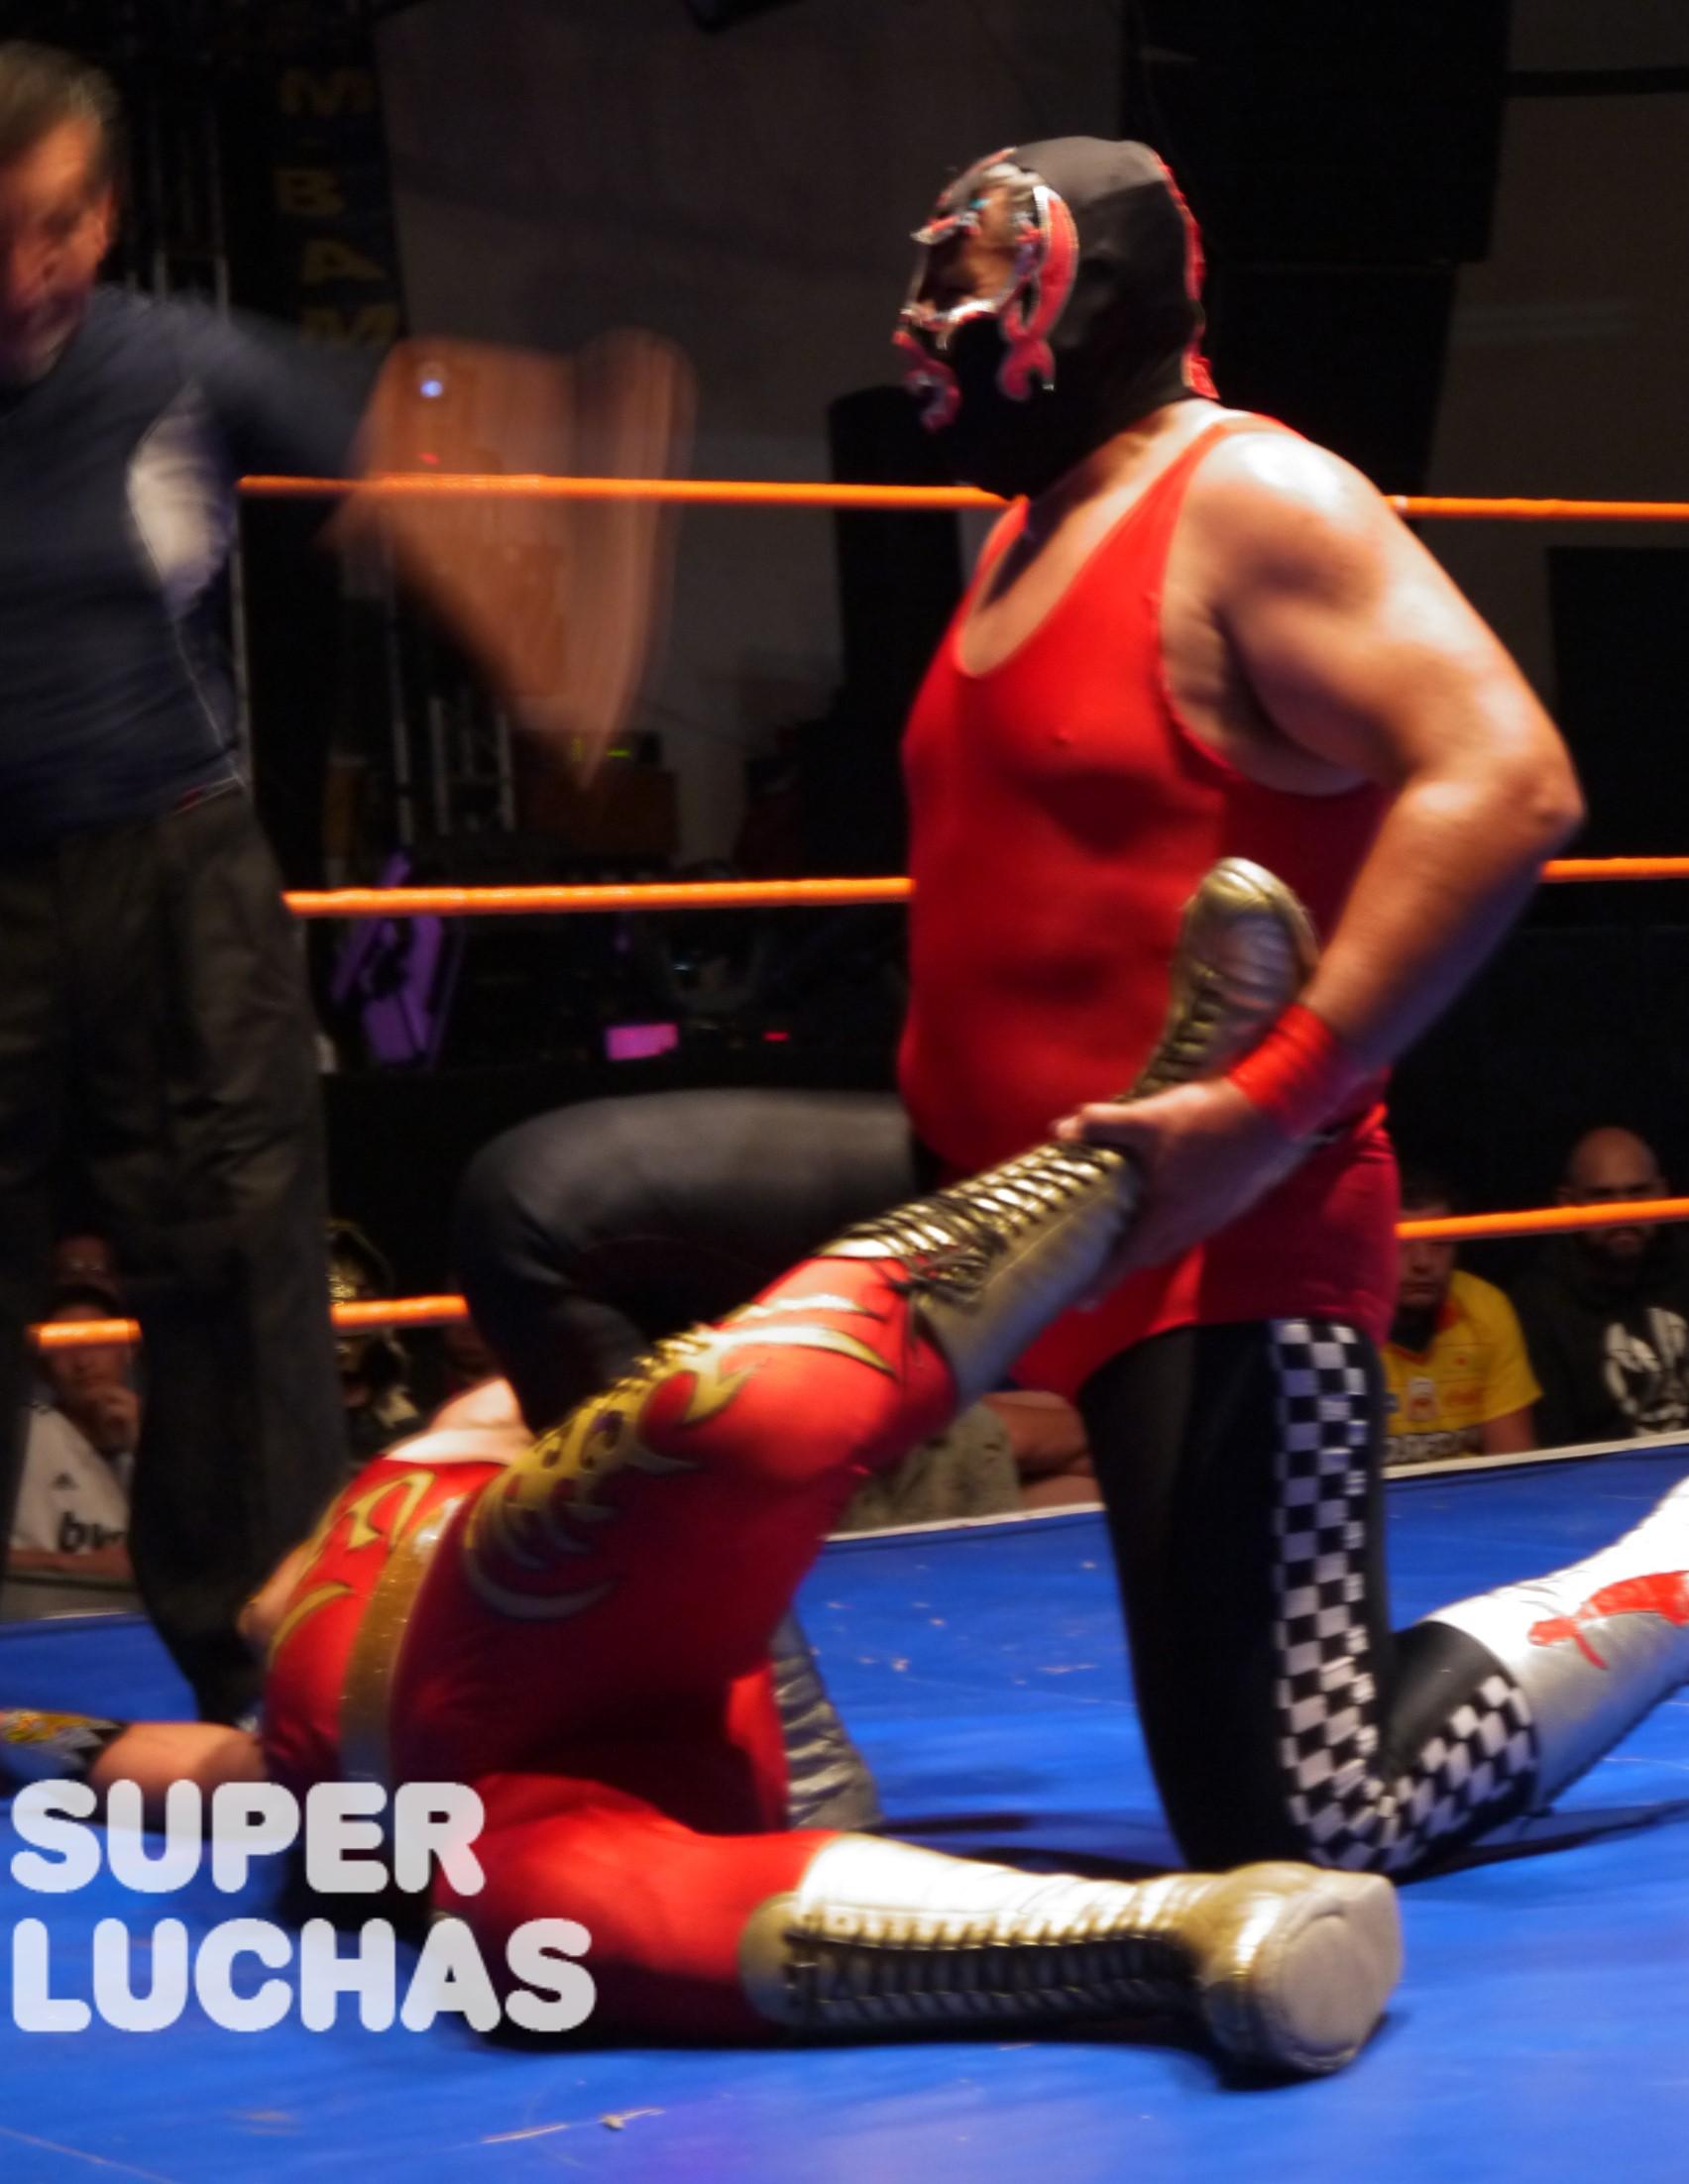 Resultados Morelia 10/11/19 Atlantis presente — ¡Sable Rojo vence a Arhgo! ¿Máscaras en puerta? 16